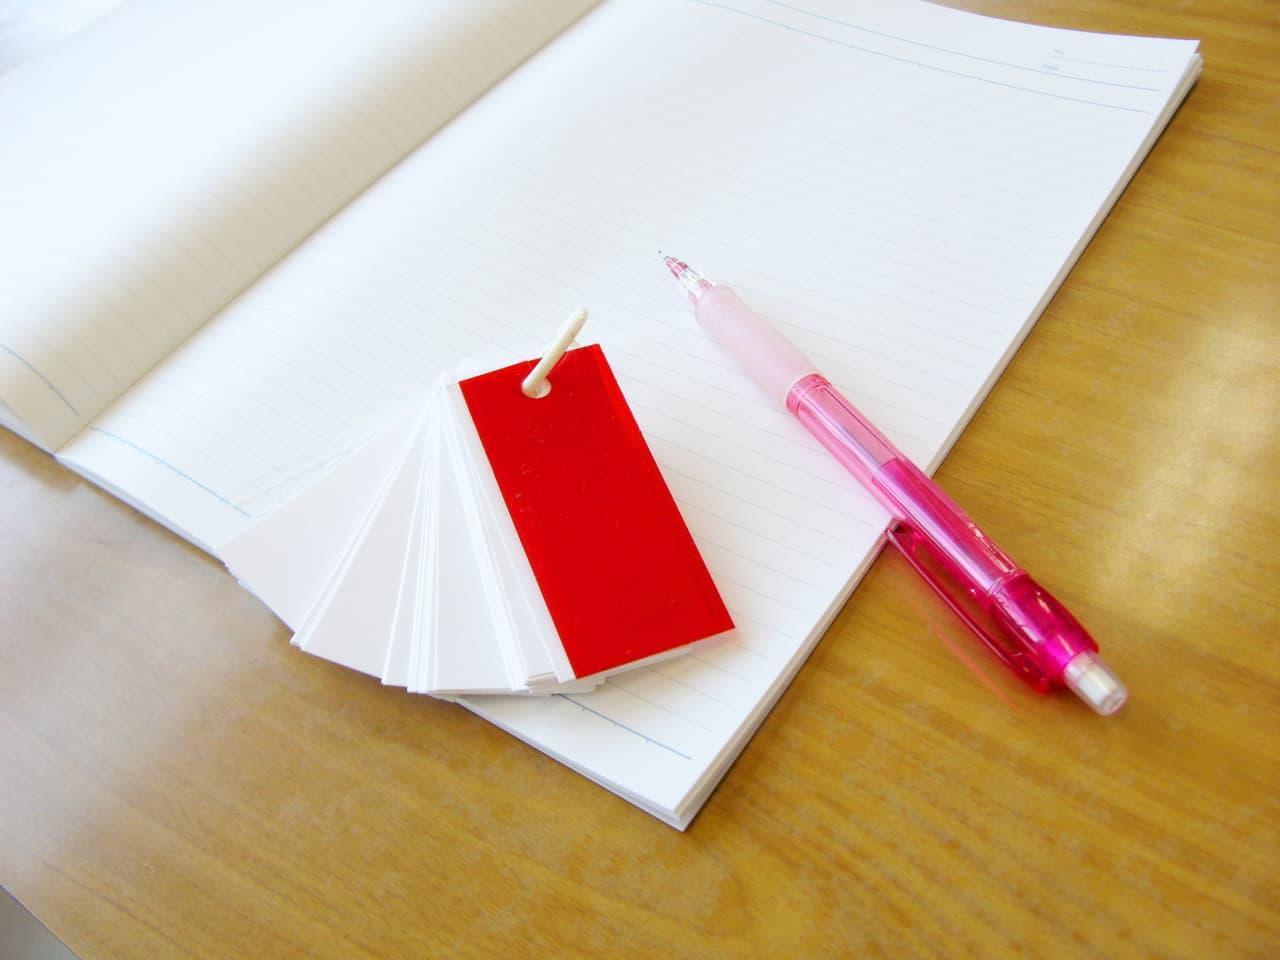 シャーペンとノート、単語帳